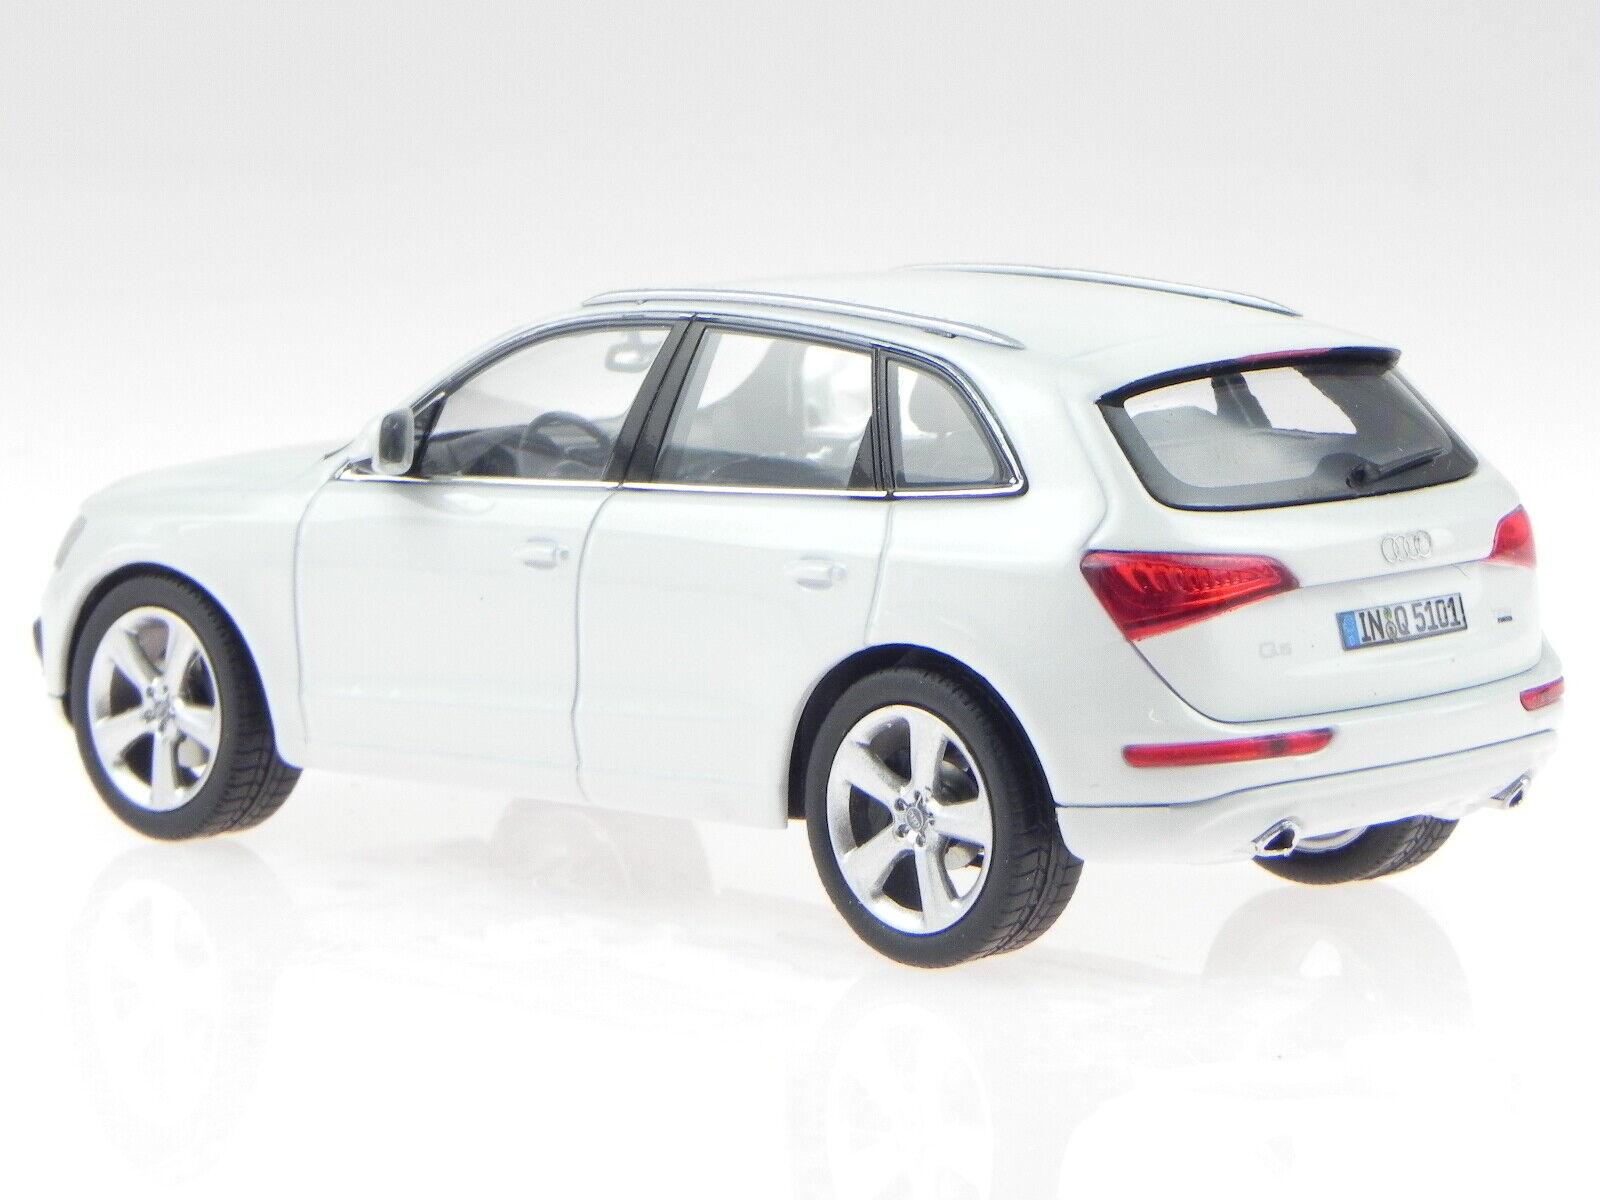 Audi Q5 PA white modelcar 450756000 Schuco 1 43 43 43 00b1b3